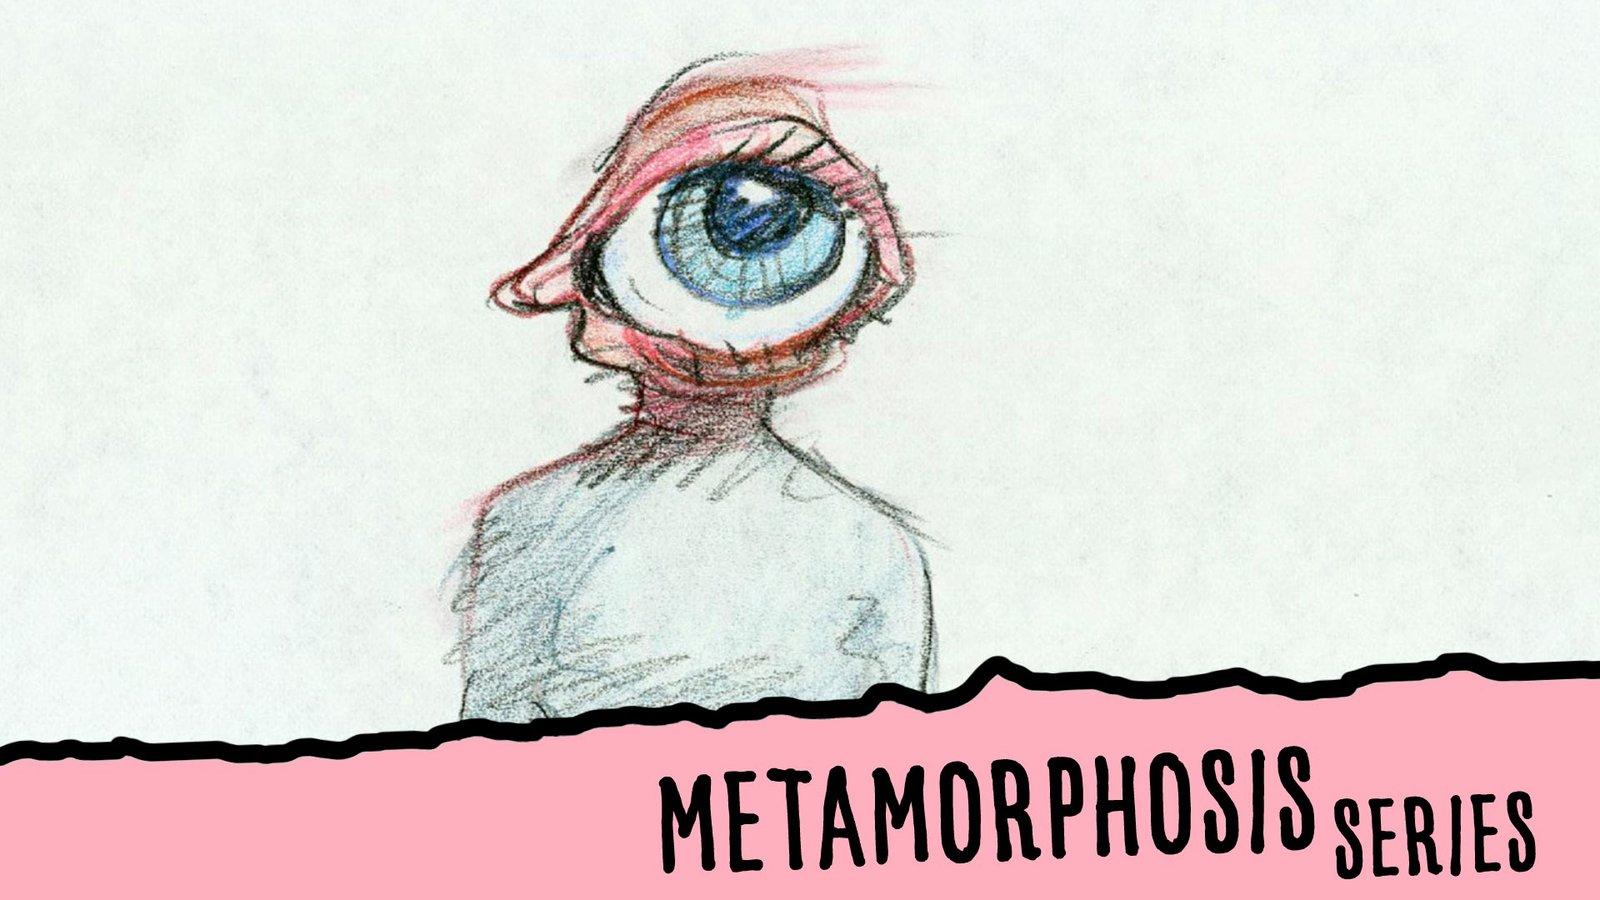 Metamorphosis Series